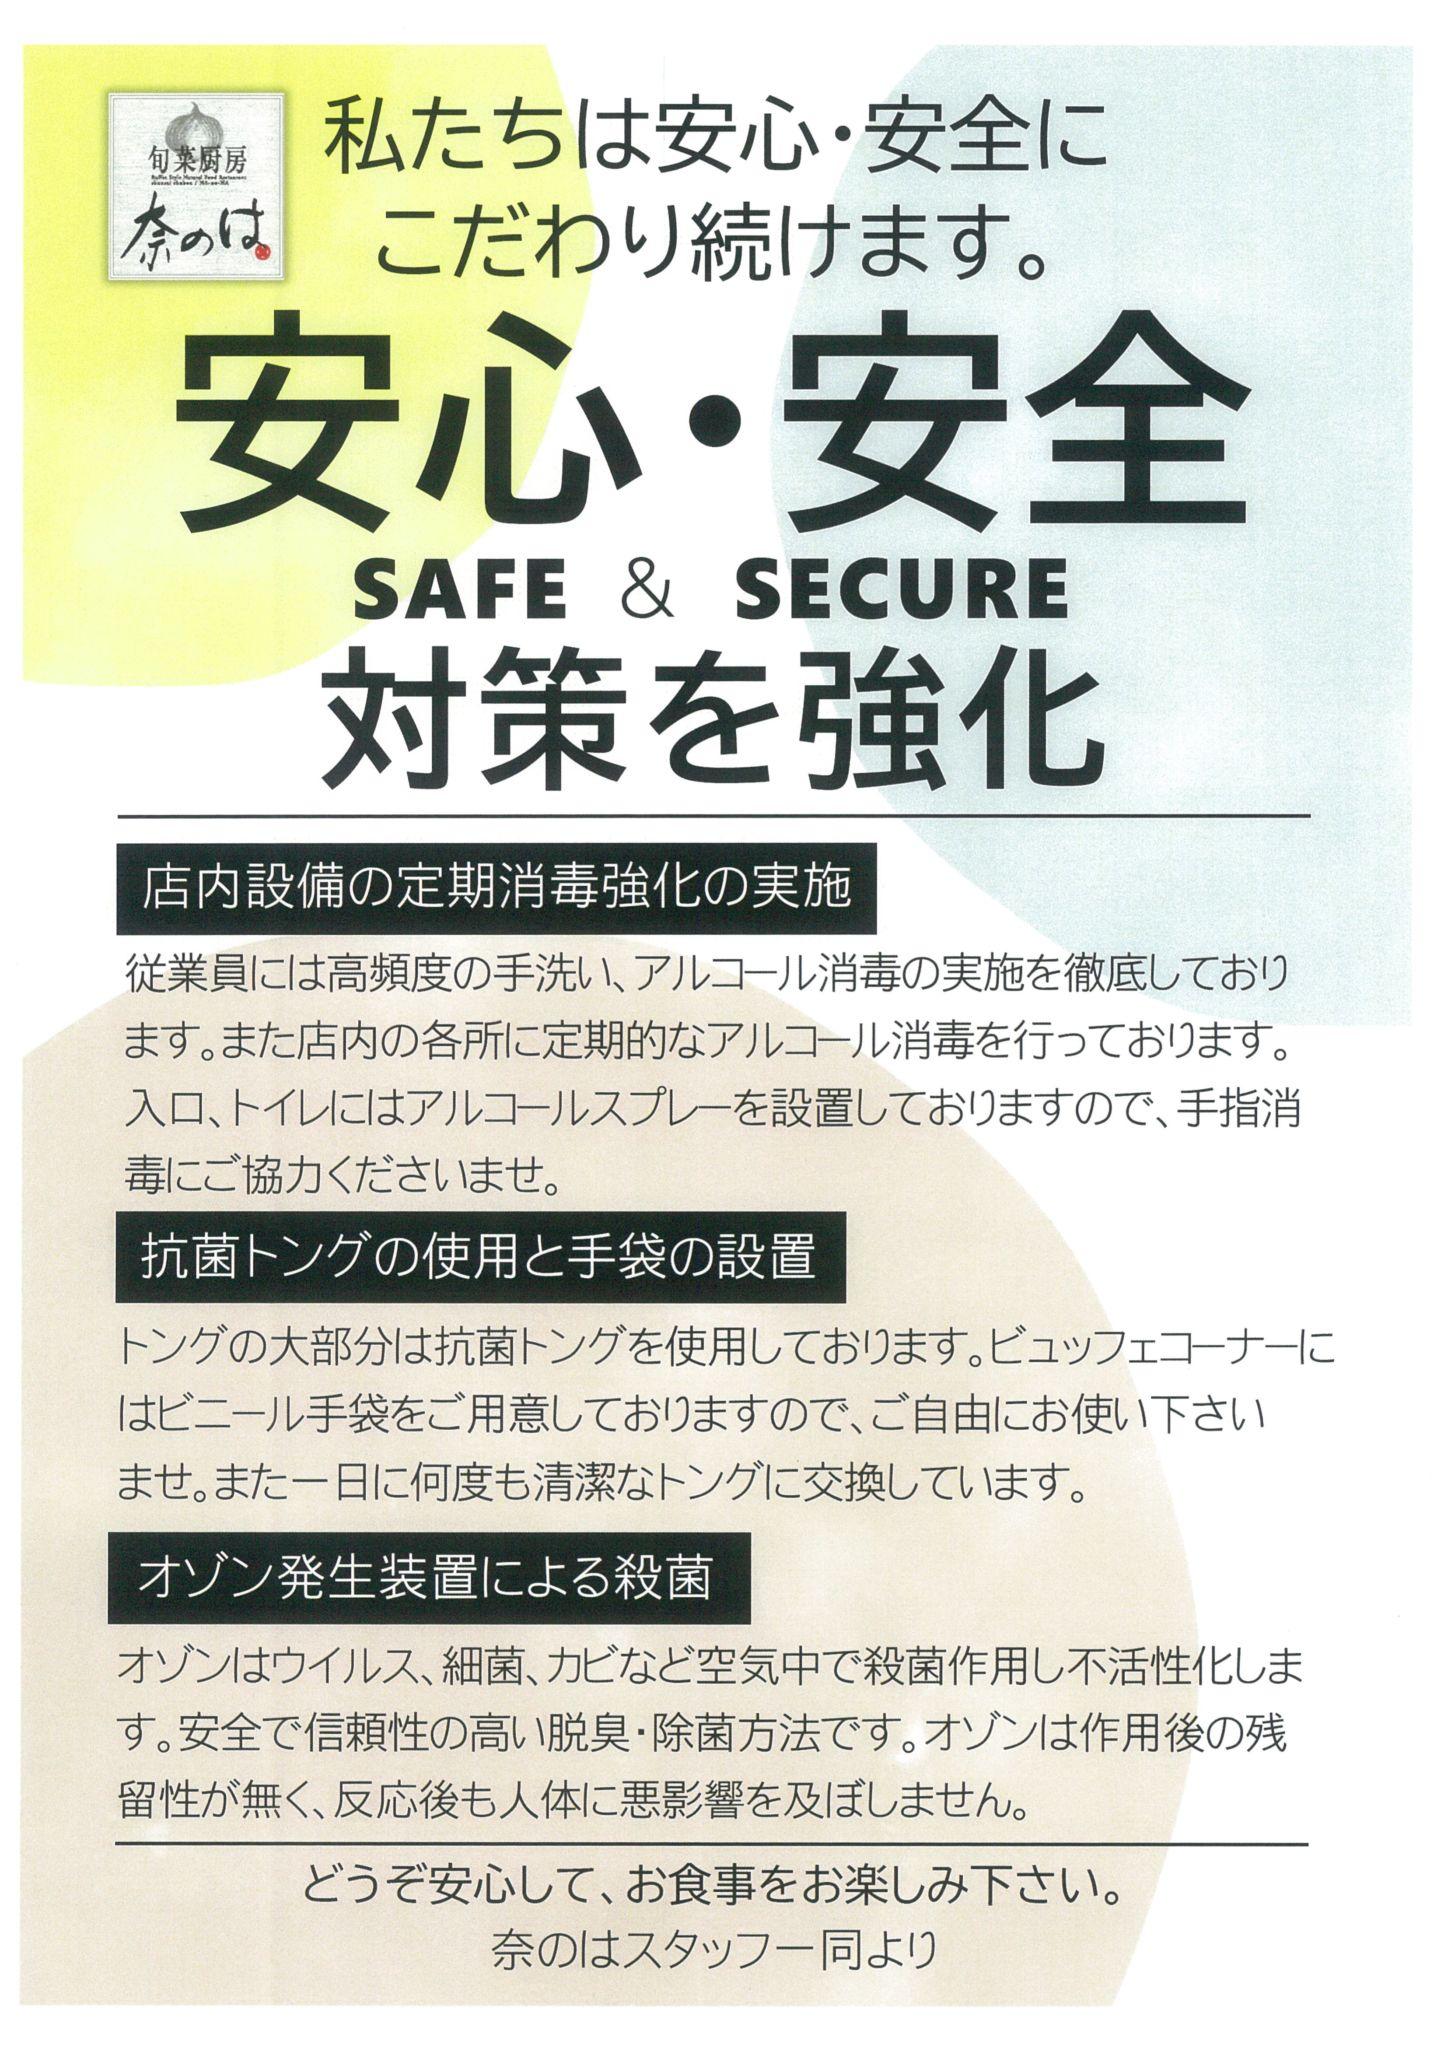 奈のは【安心・安全対策強化について】   株式会社MIHORI(ミホリ)